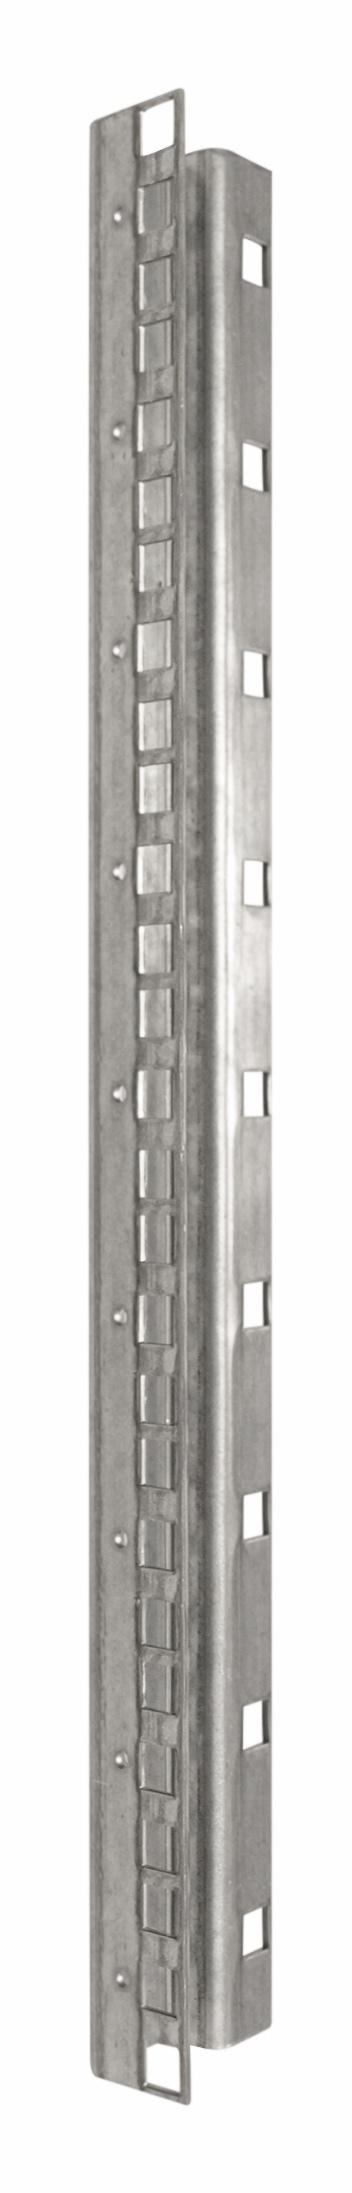 1 Stk 19 Profilschiene 18HE für DS-, DSZ-, DSI und DW-Schränke DSPROF18--